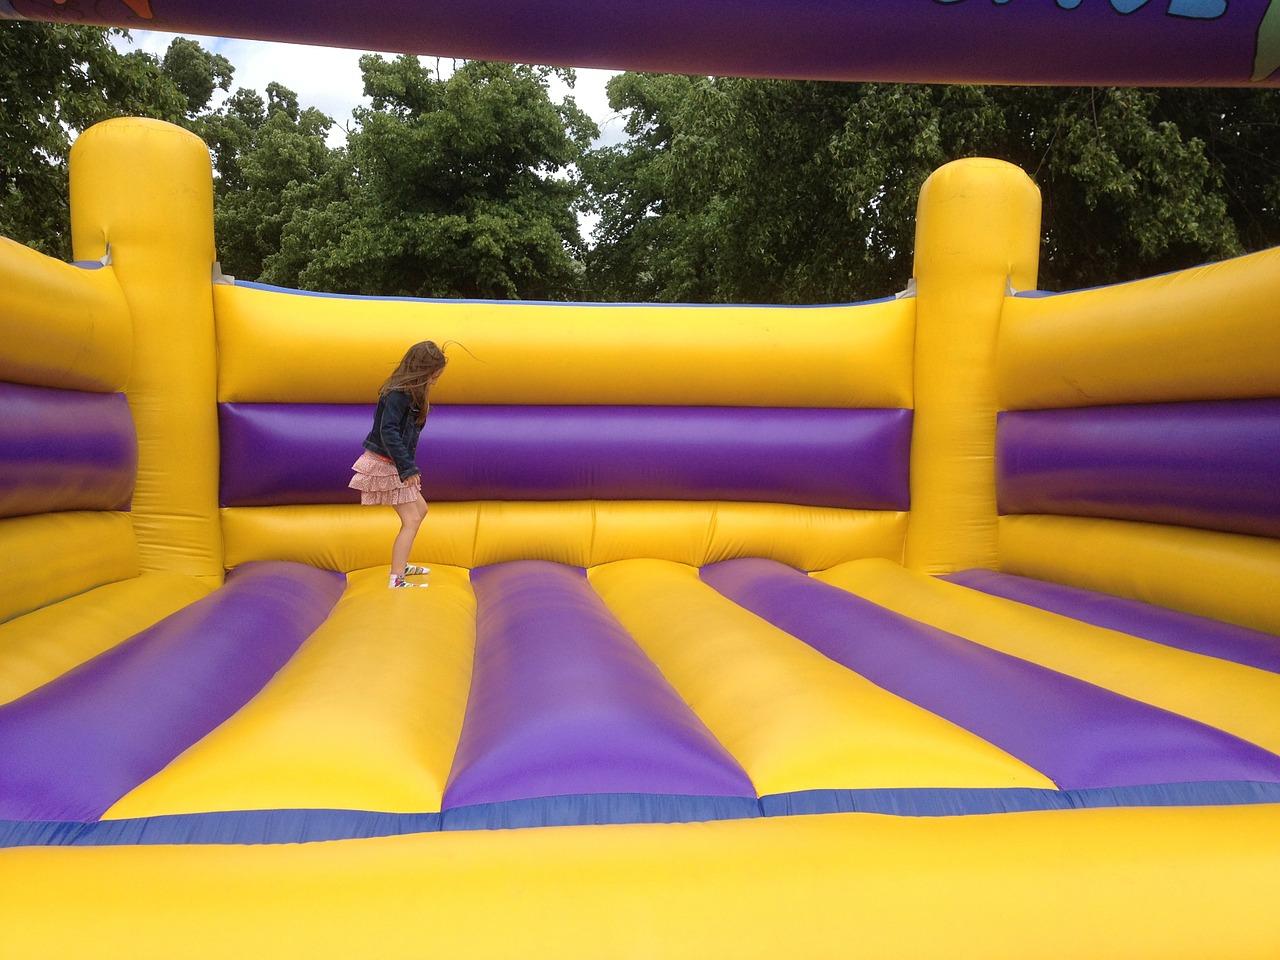 bouncing-castle-281046_1280